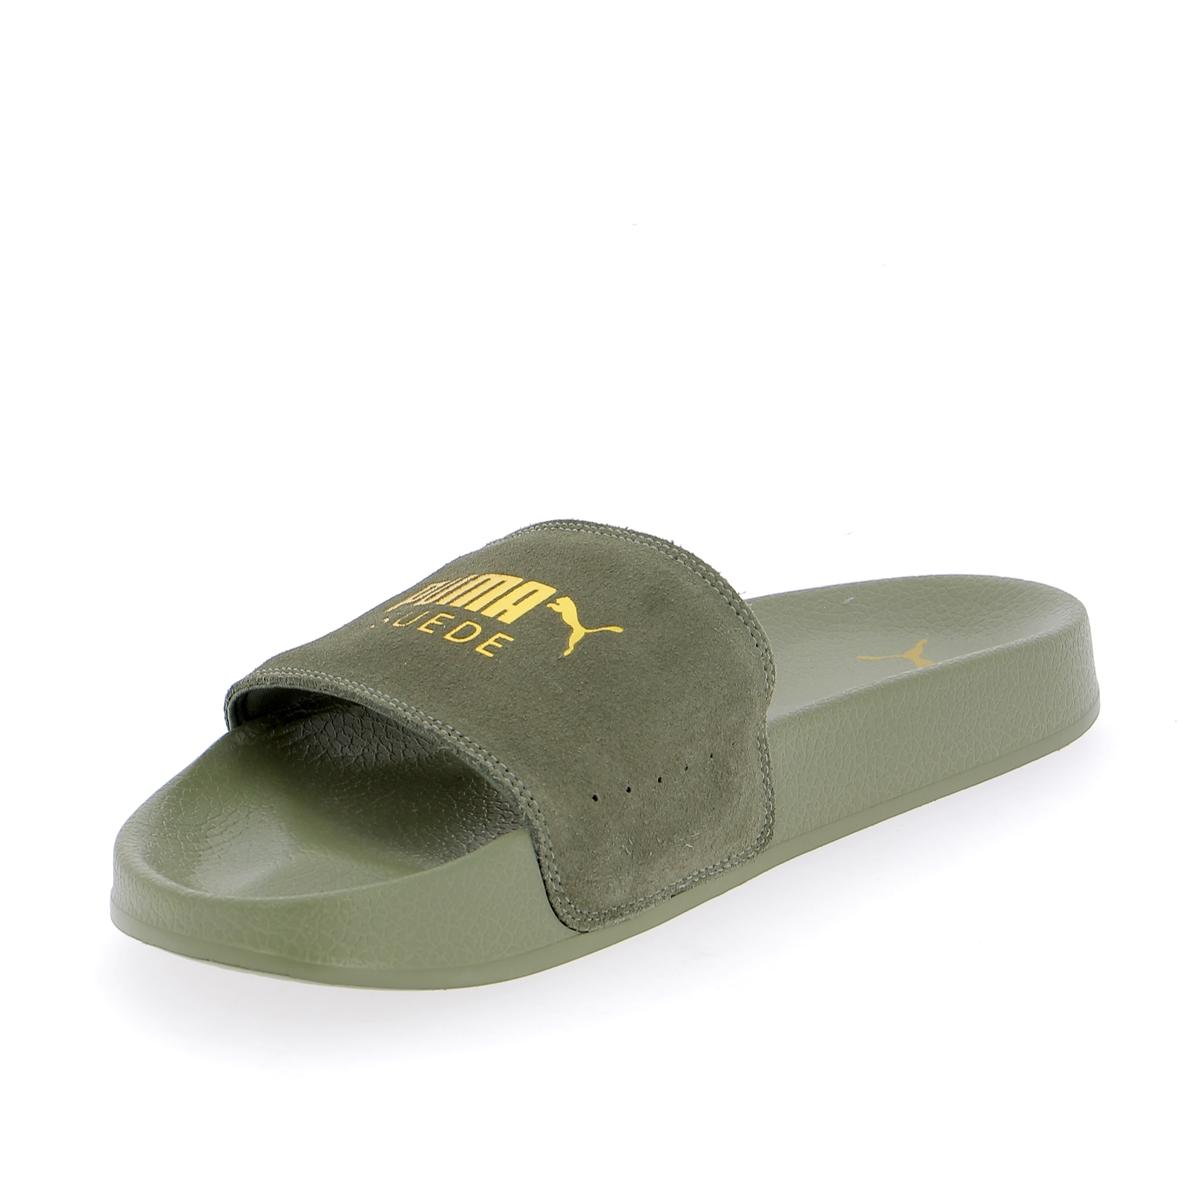 Puma Mulles kaki